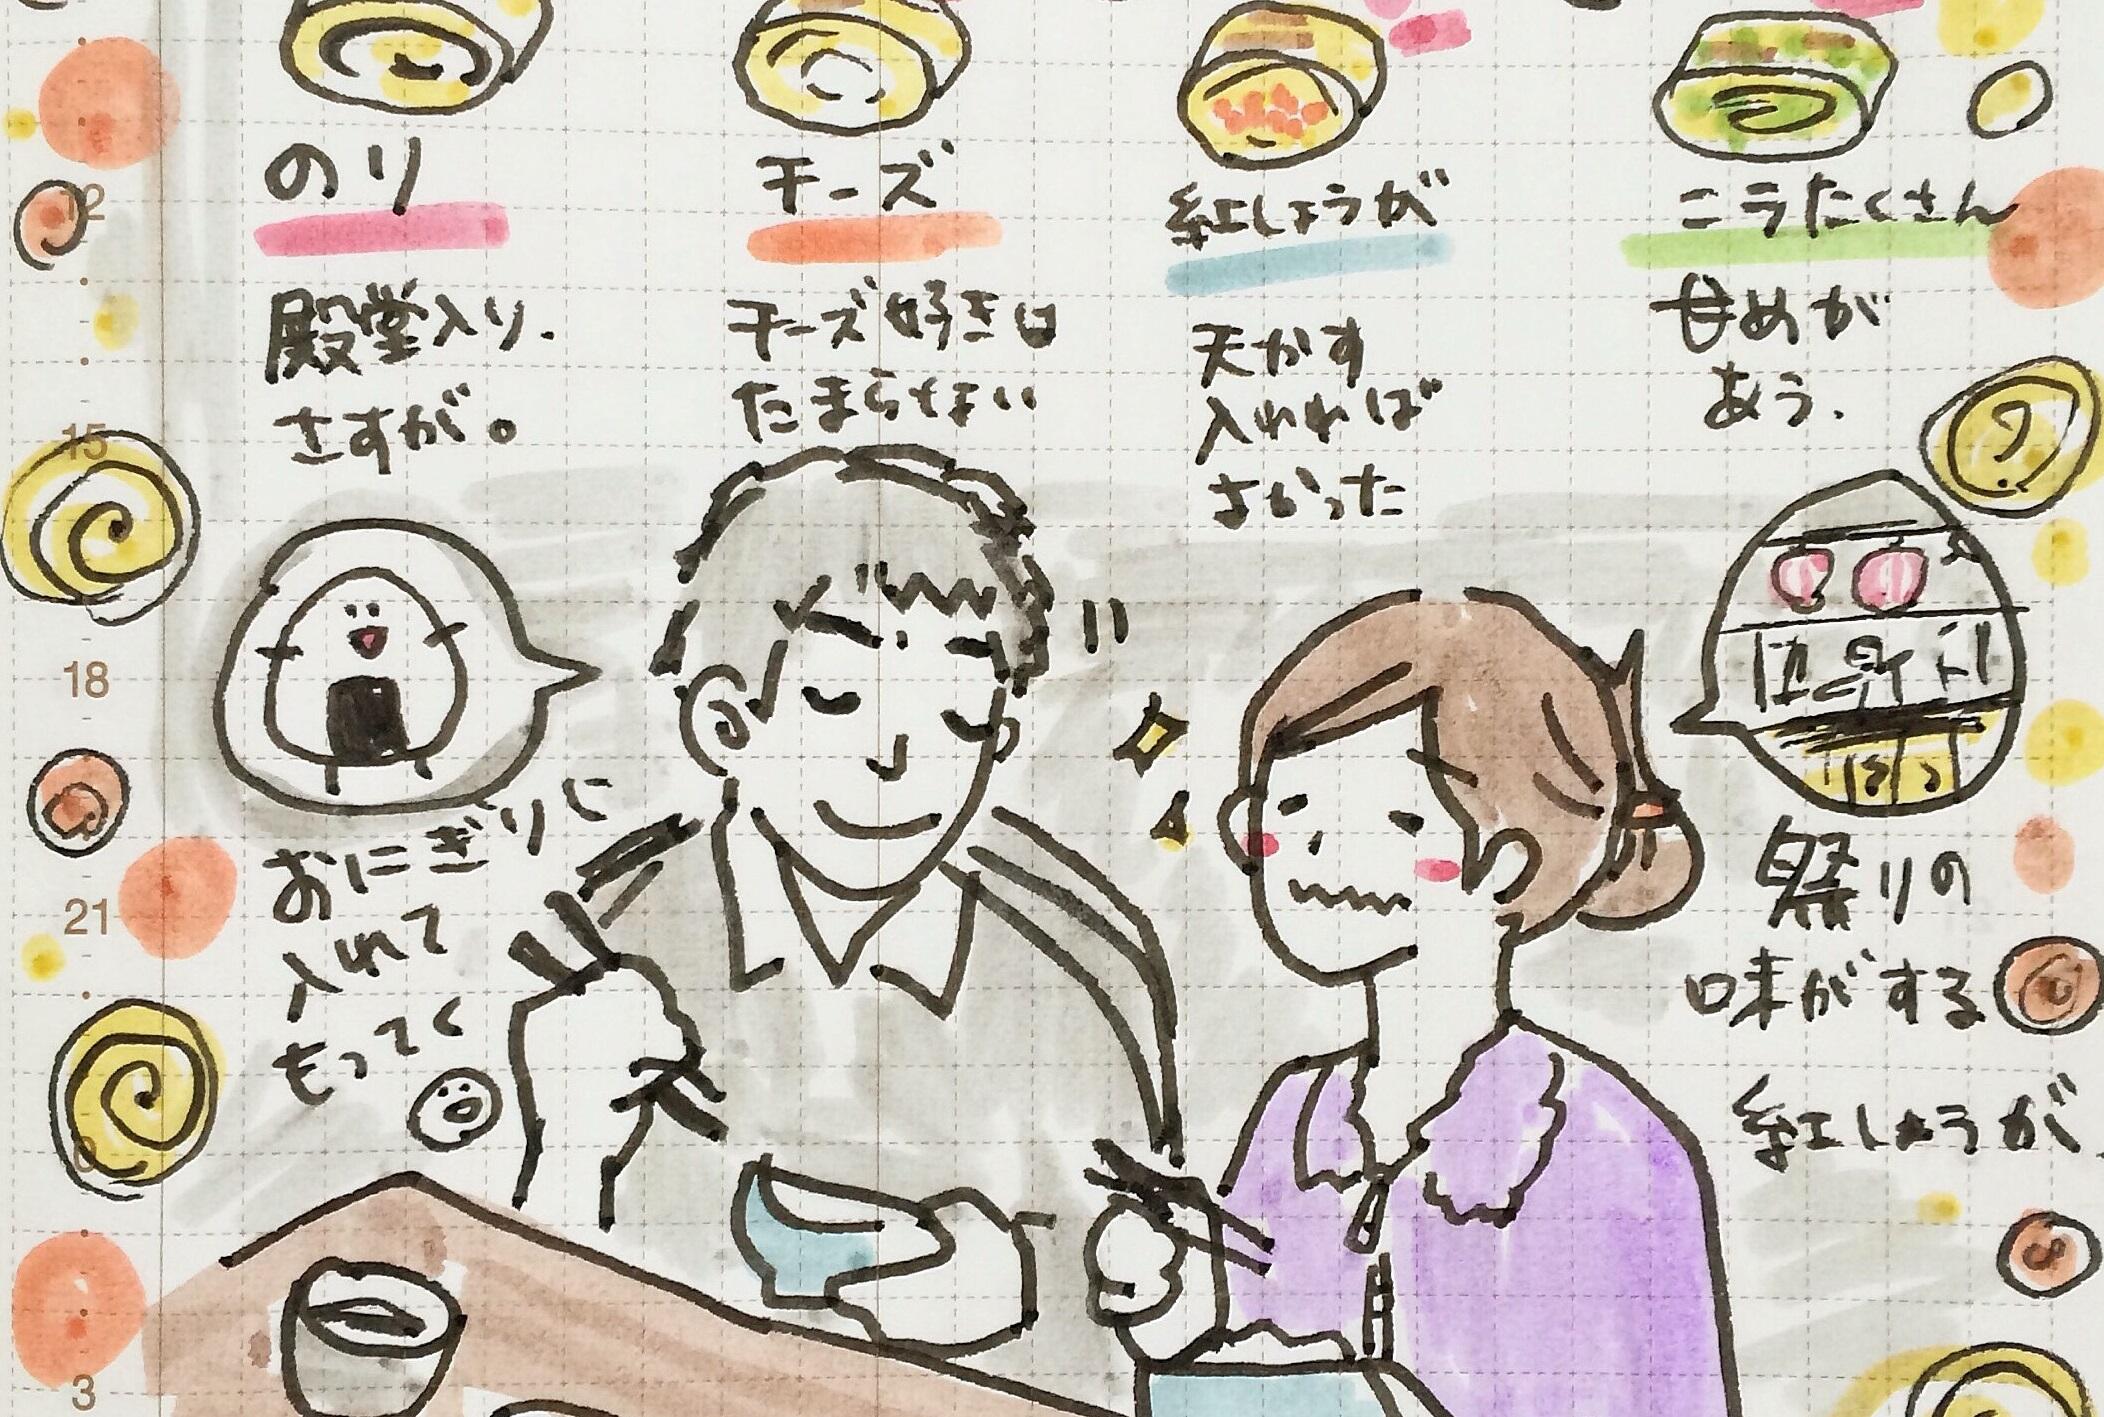 【日記】「卵焼き部」始めました~楽しい形にすると楽しさ倍増~